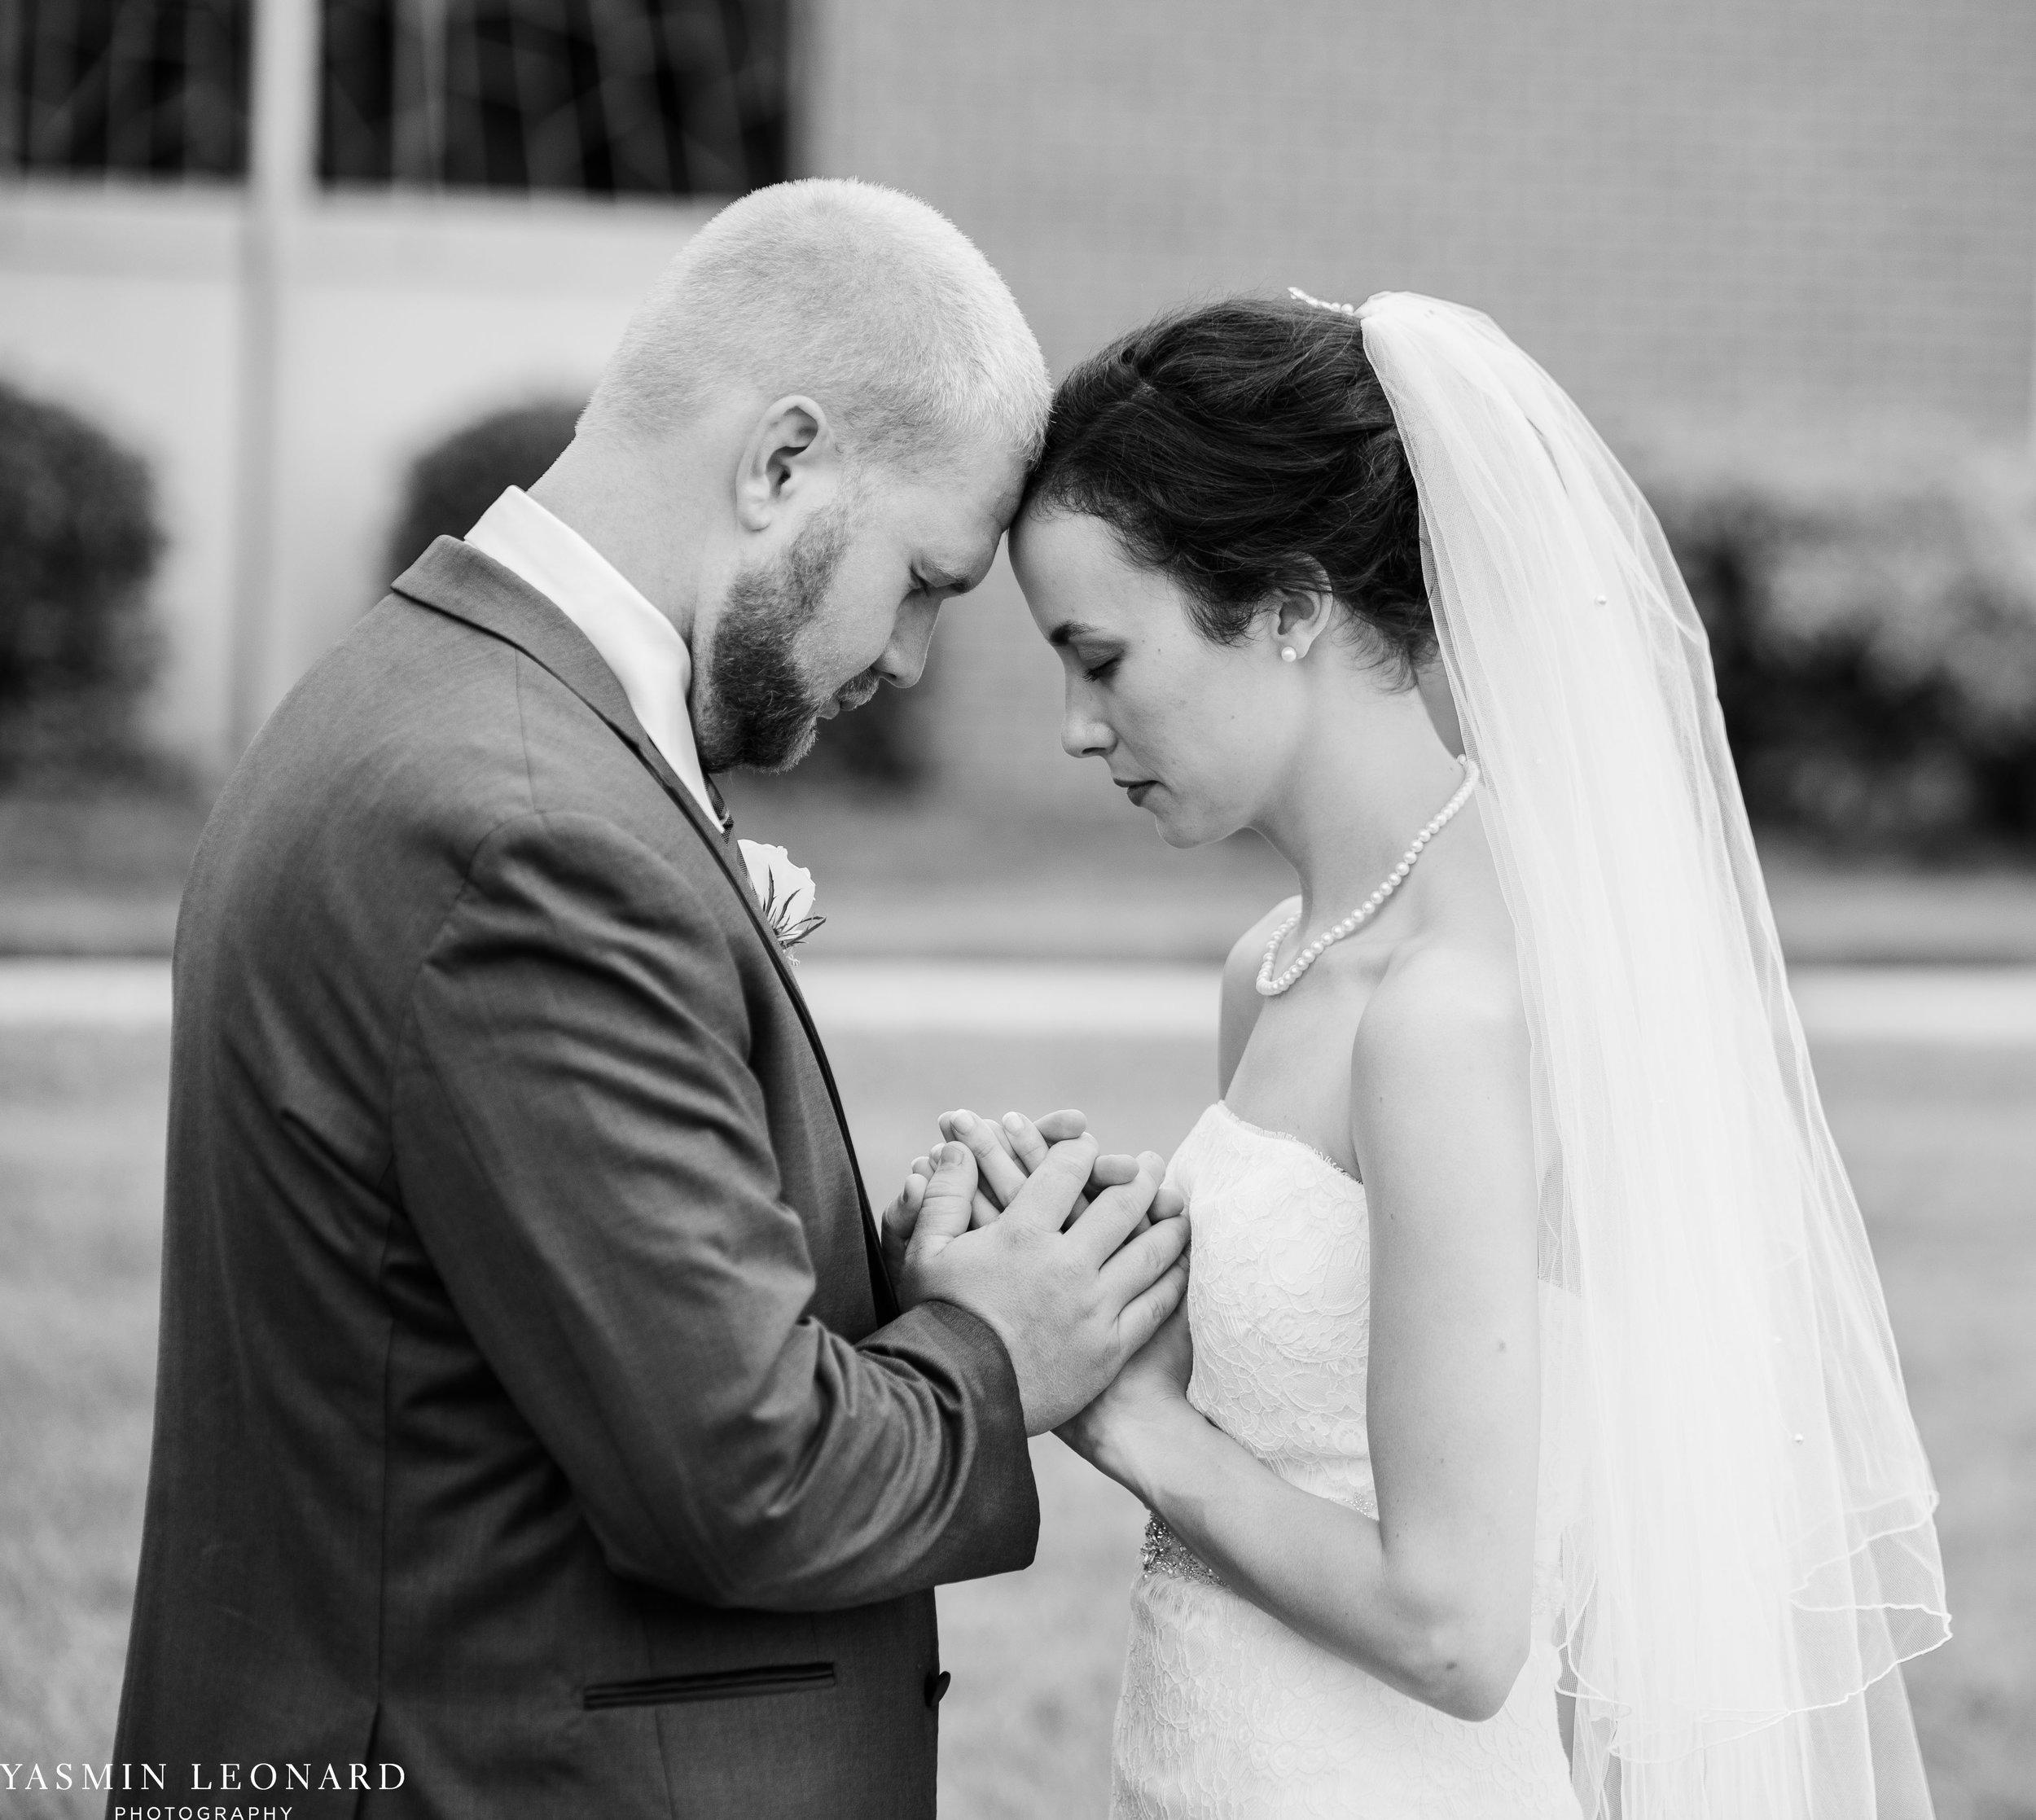 Mt. Pleasant Church - Church Wedding - Traditional Wedding - Church Ceremony - Country Wedding - Godly Wedding - NC Wedding Photographer - High Point Weddings - Triad Weddings - NC Venues-41.jpg